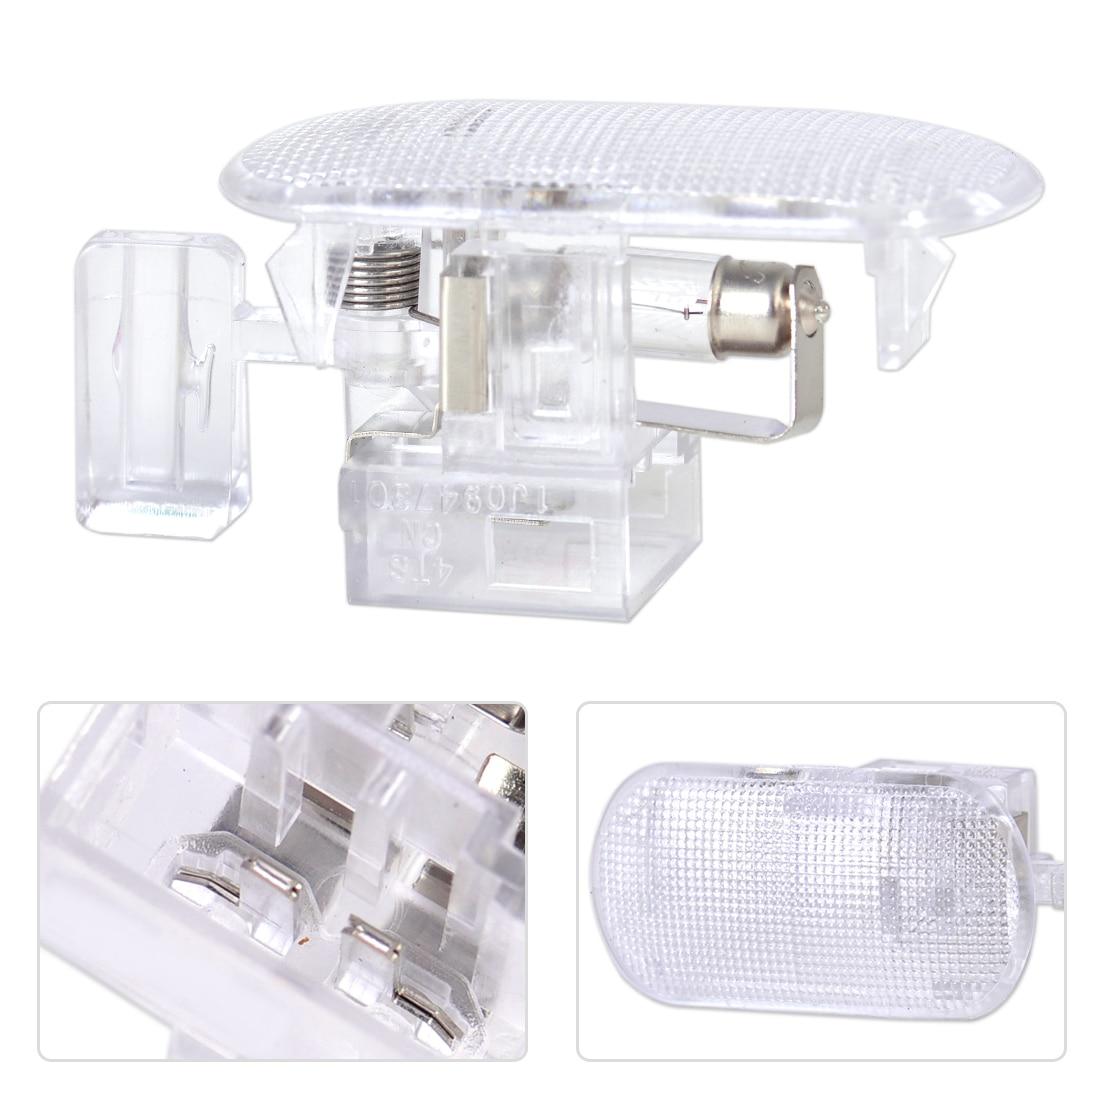 New Glove Box Light Storage Compartment Lamp 1J0947301 1J0 947 301 fit for VW Jetta Bora